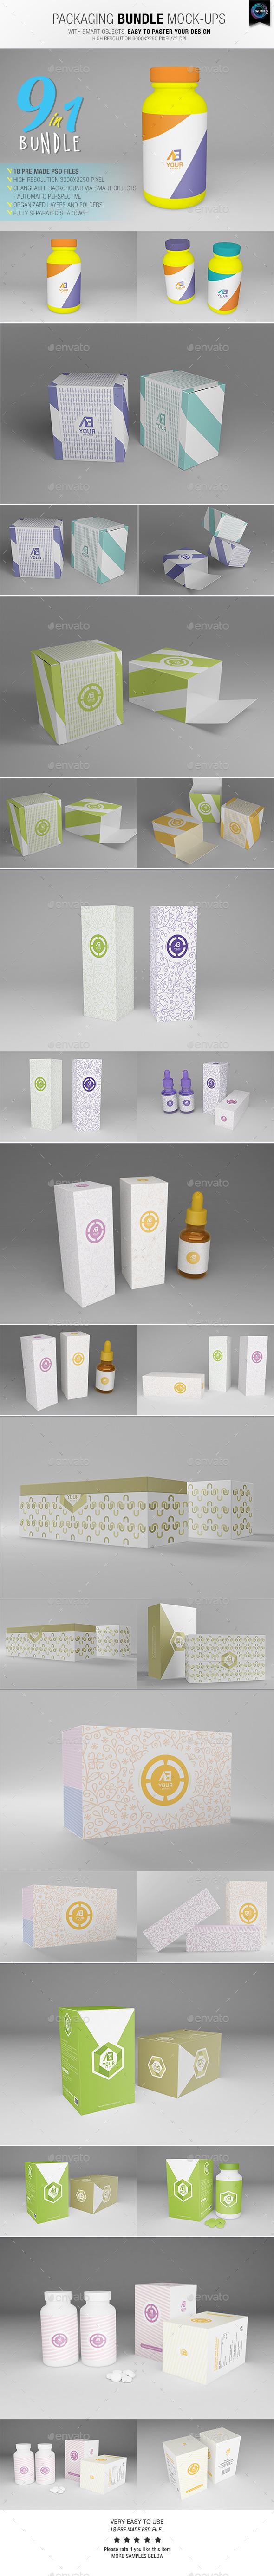 GraphicRiver Packaging Bundle Mock-Ups 11039738